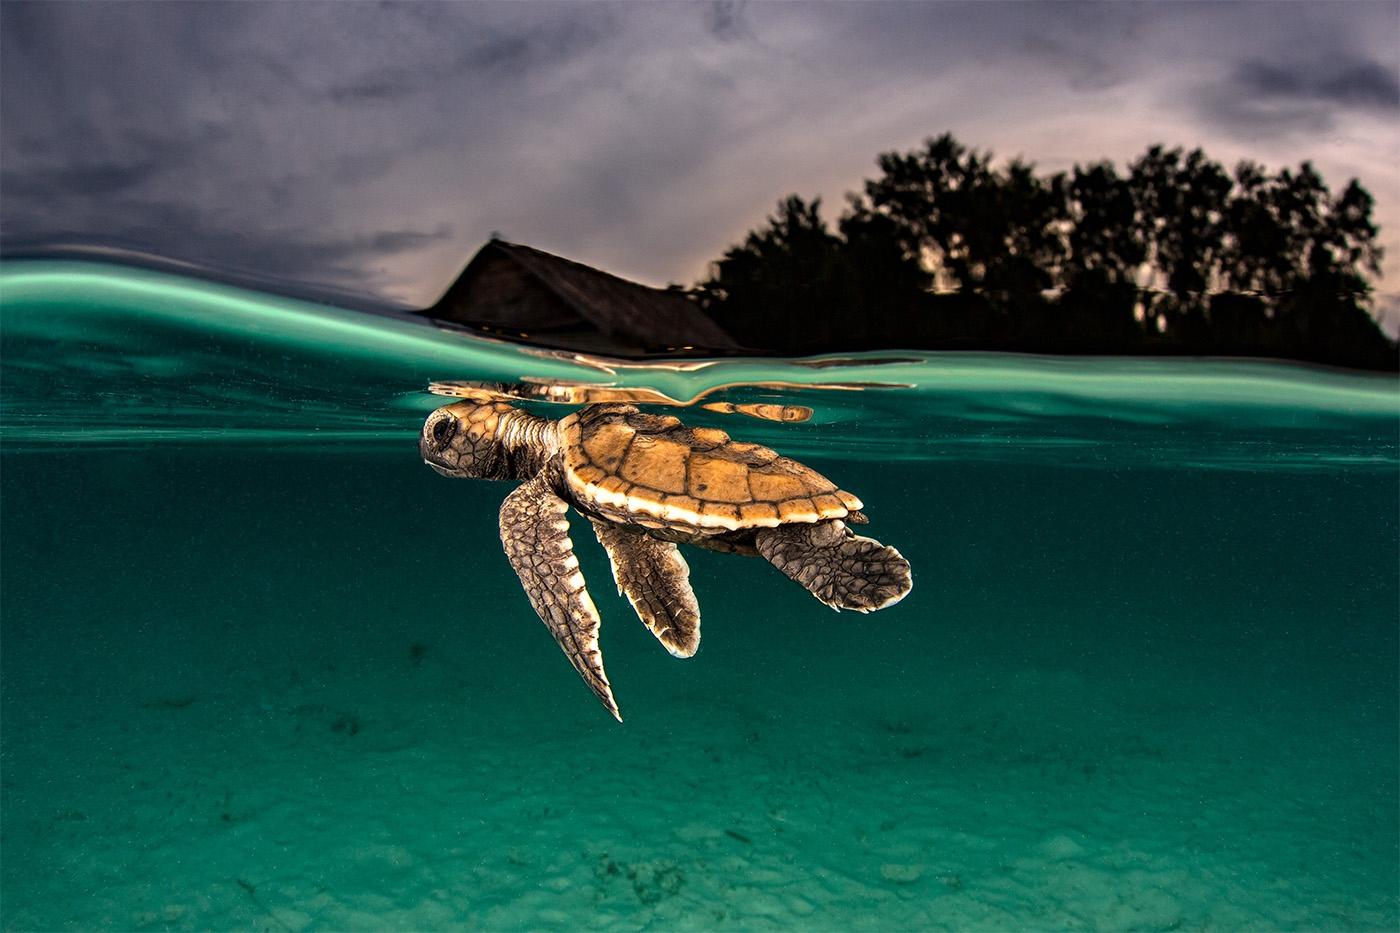 Золотая черепаха-2018 смотреть фото